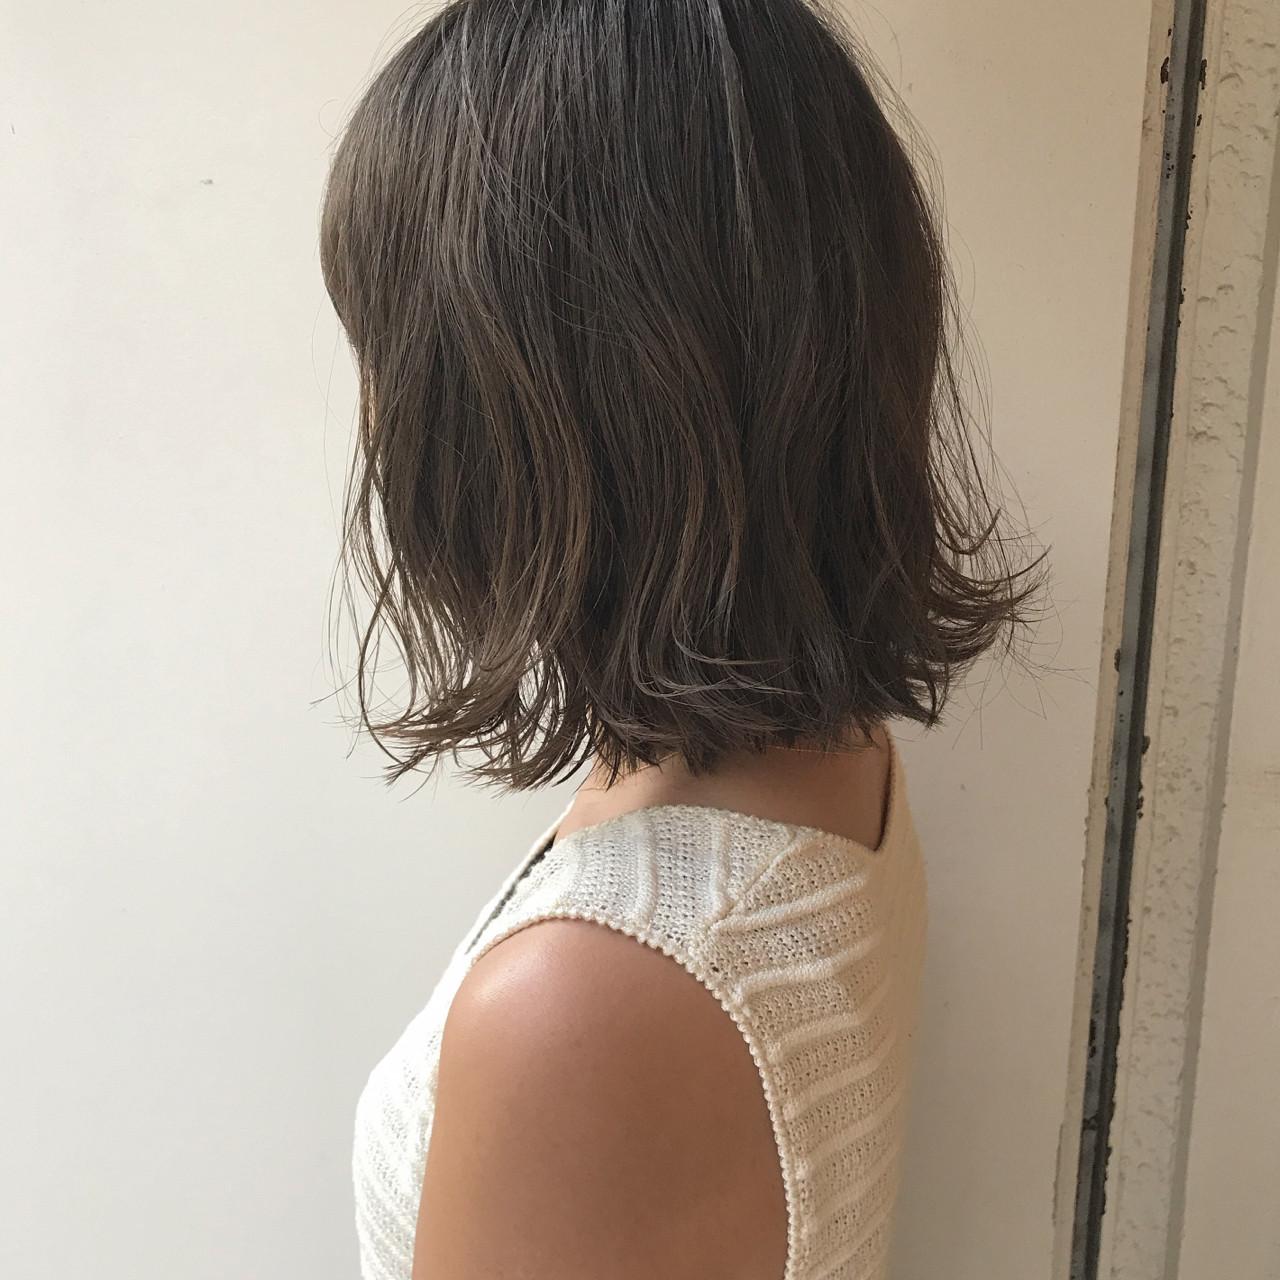 透明感 ナチュラル 切りっぱなし ロブ ヘアスタイルや髪型の写真・画像